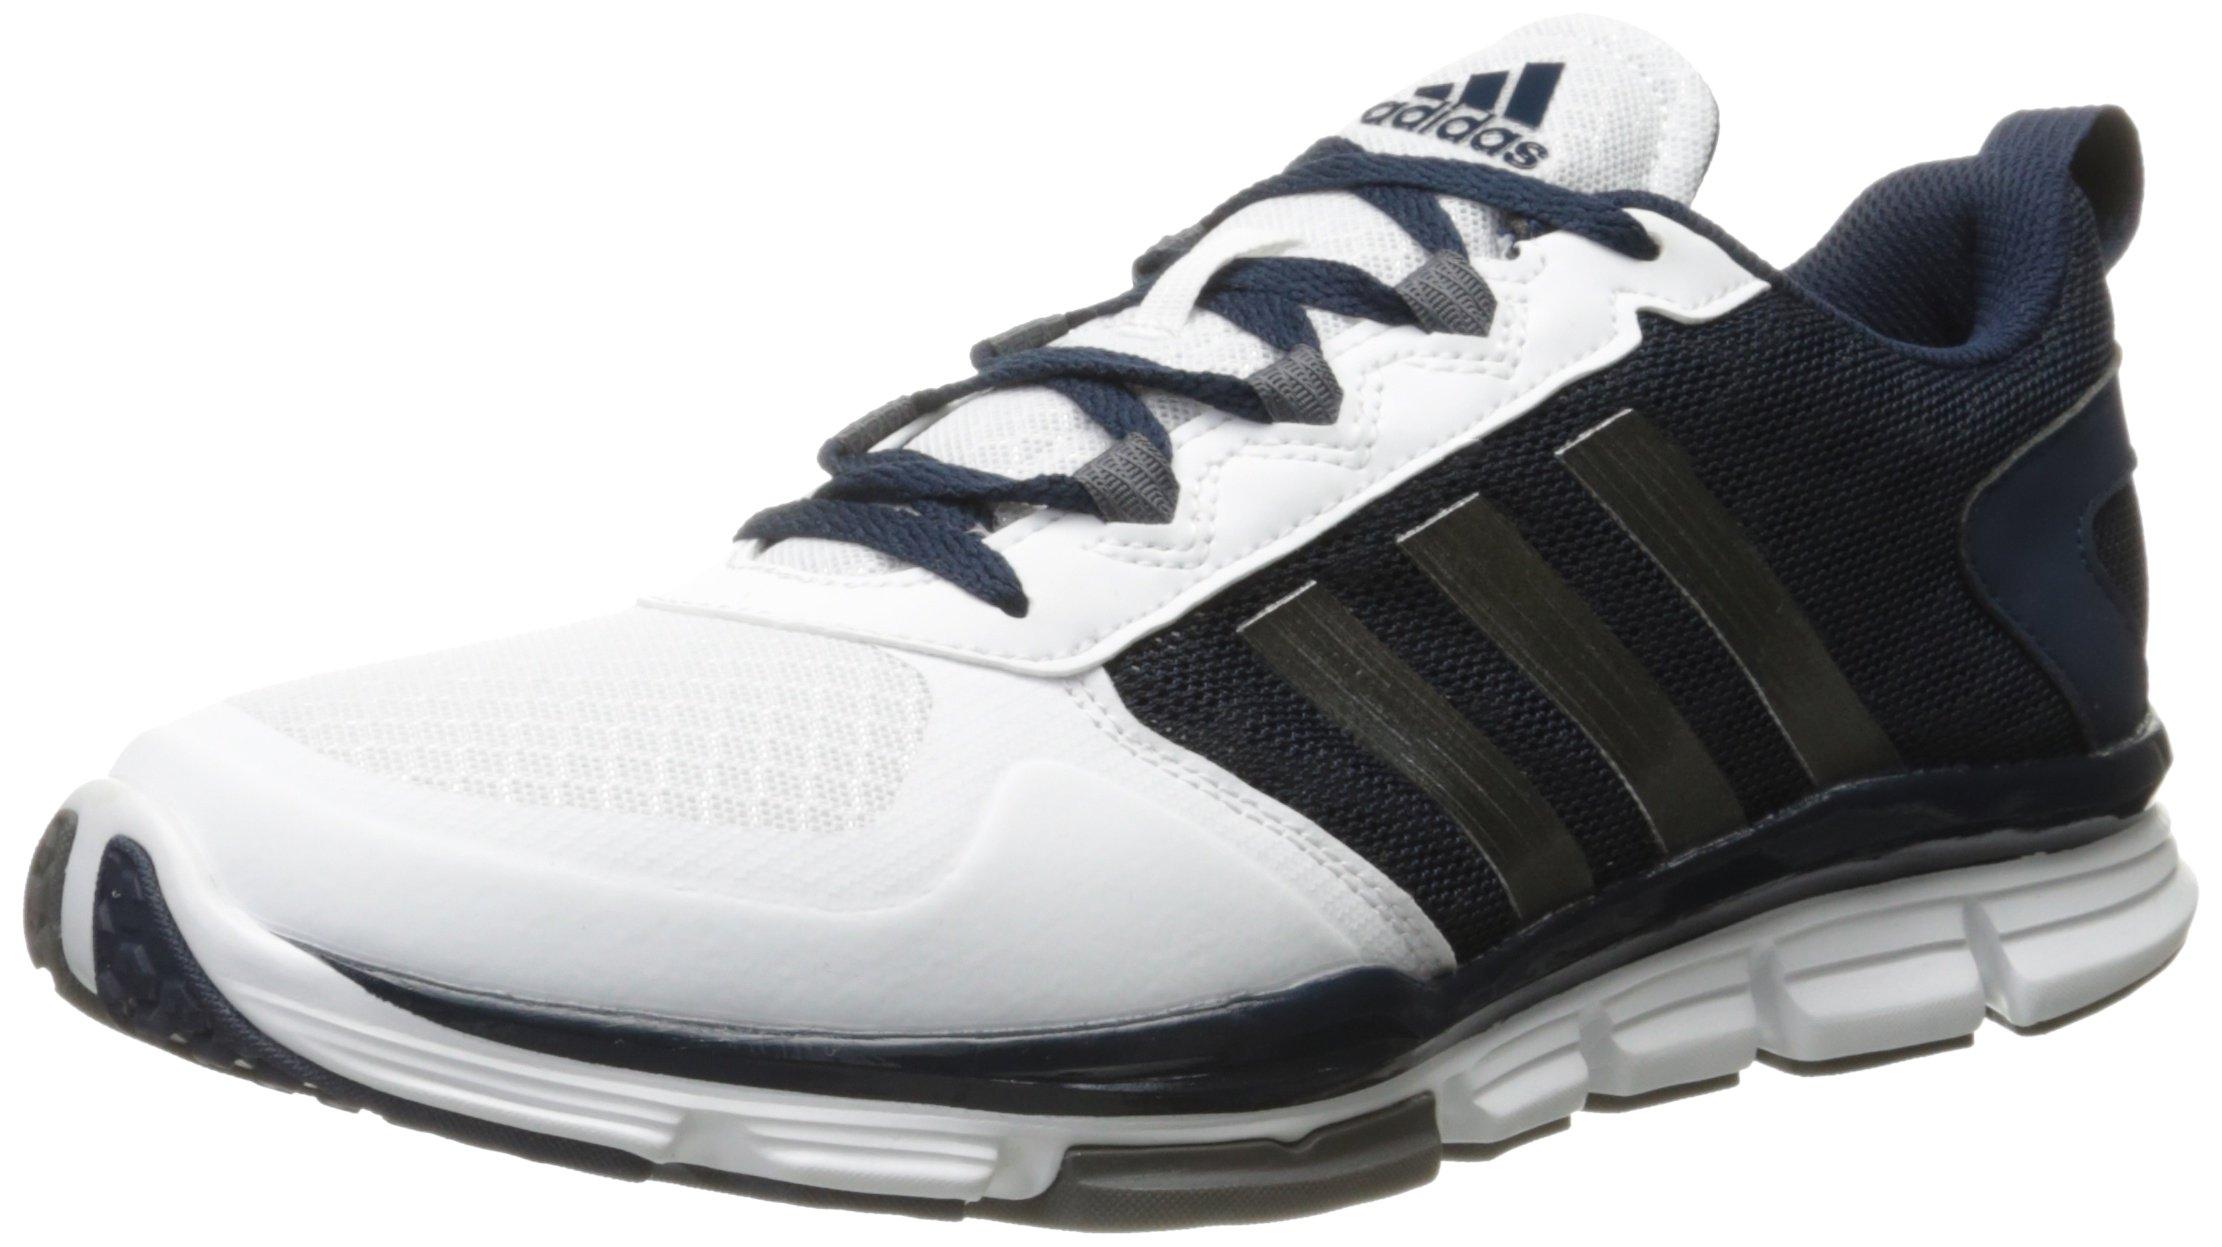 adidas Men's Freak X Carbon Mid Cross Trainer, Collegiate Navy/Carbon Met. White, (9.5 M US)